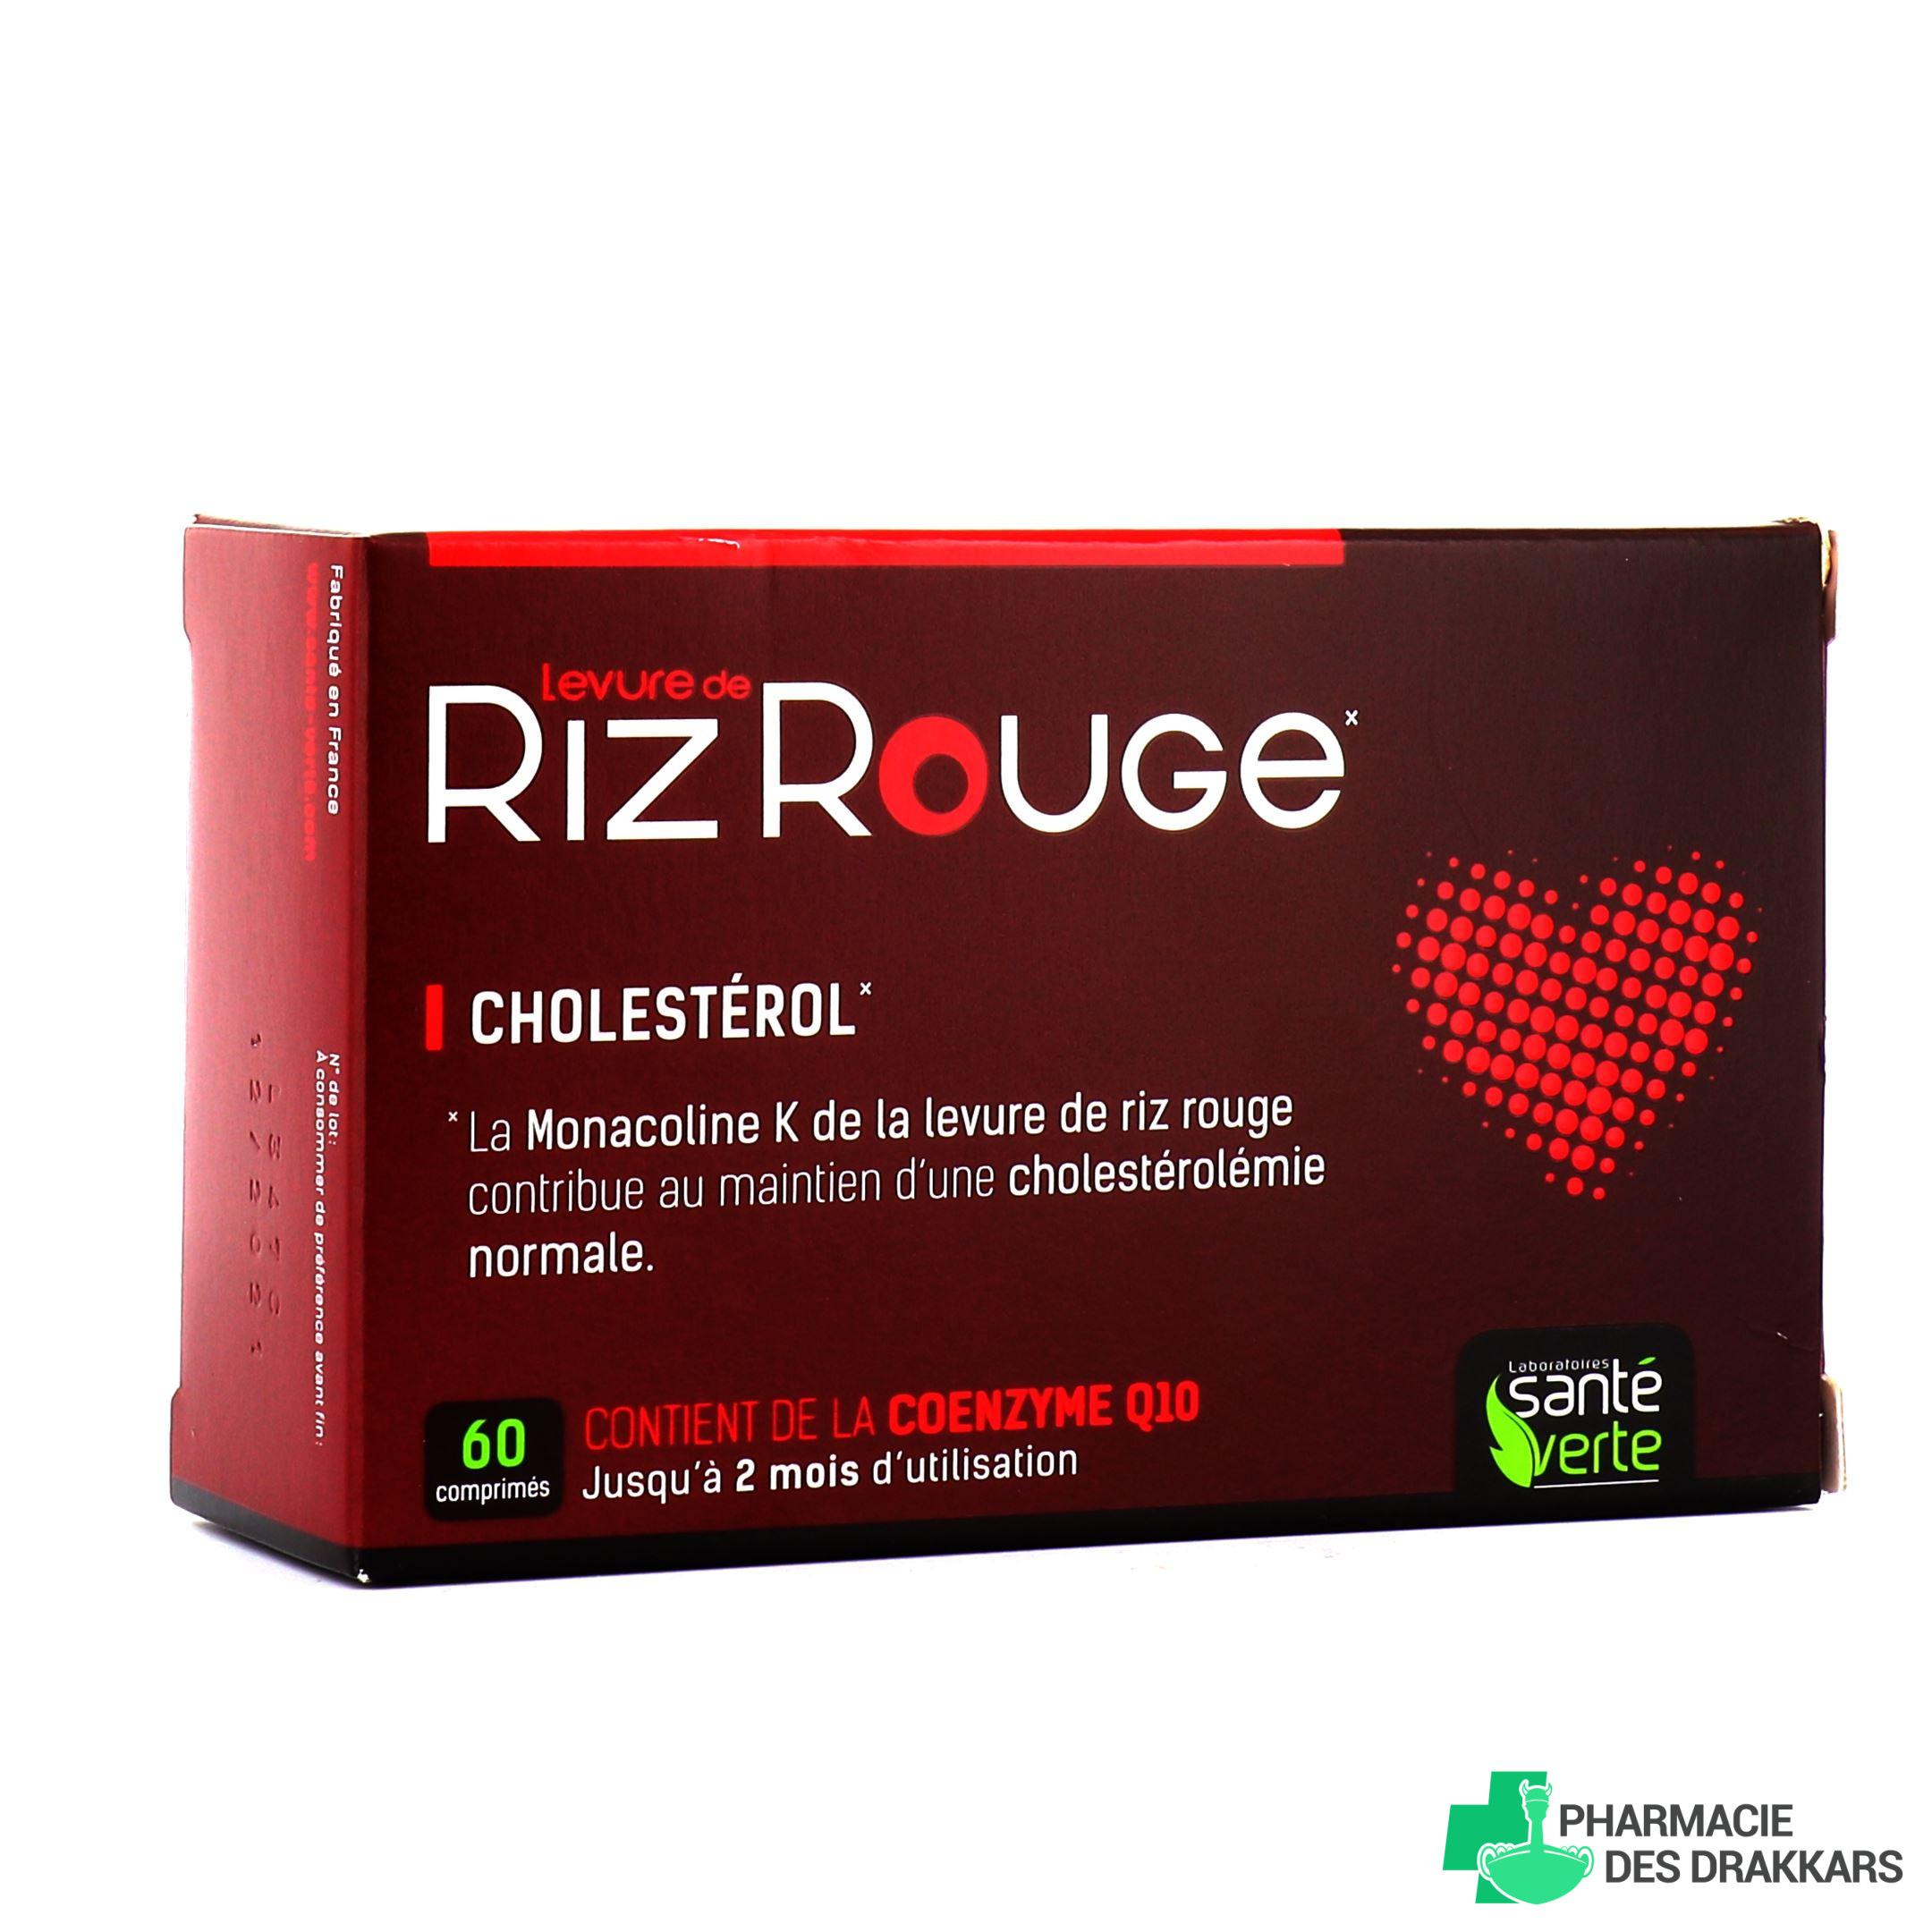 Levure de Riz rouge - Santé Verte - Pharmacie des drakkars